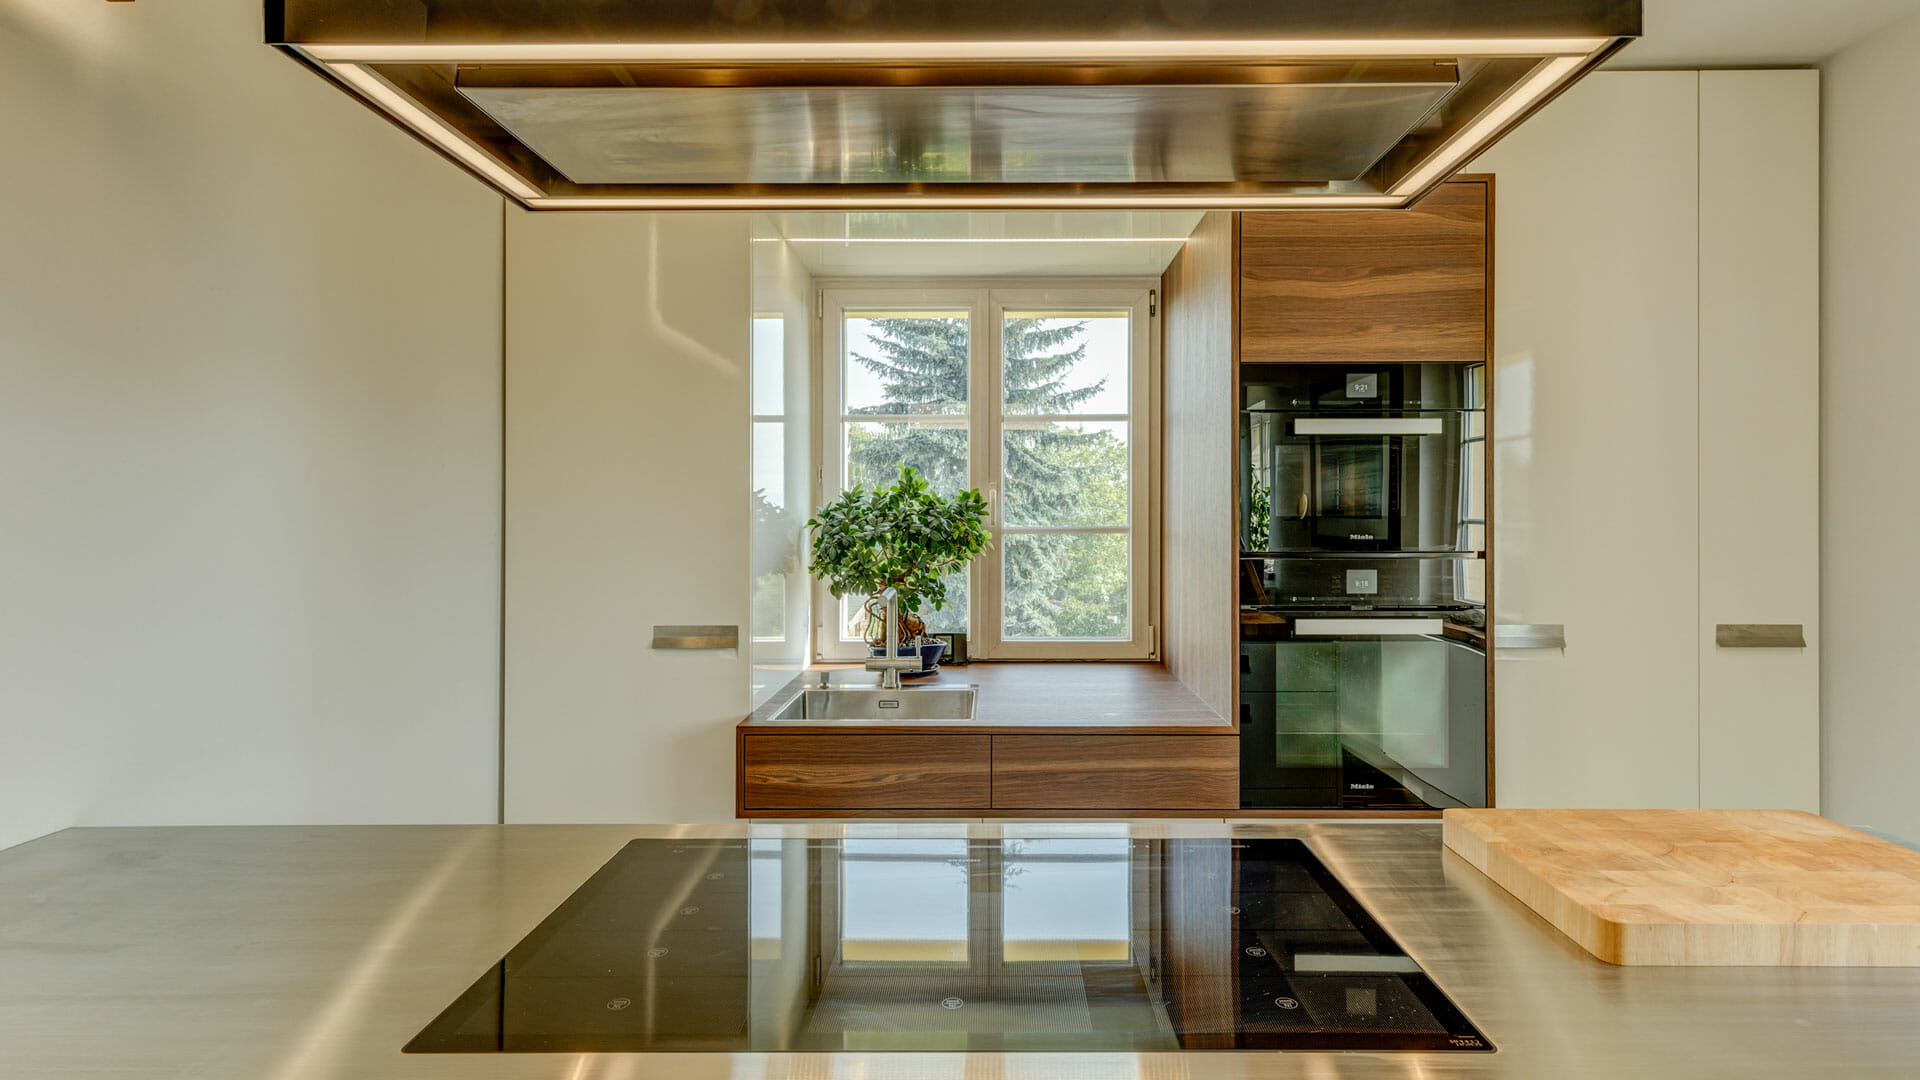 edle hochglanz Küche mit Edelstahlarbeitsplatte | dieMeisterTischler